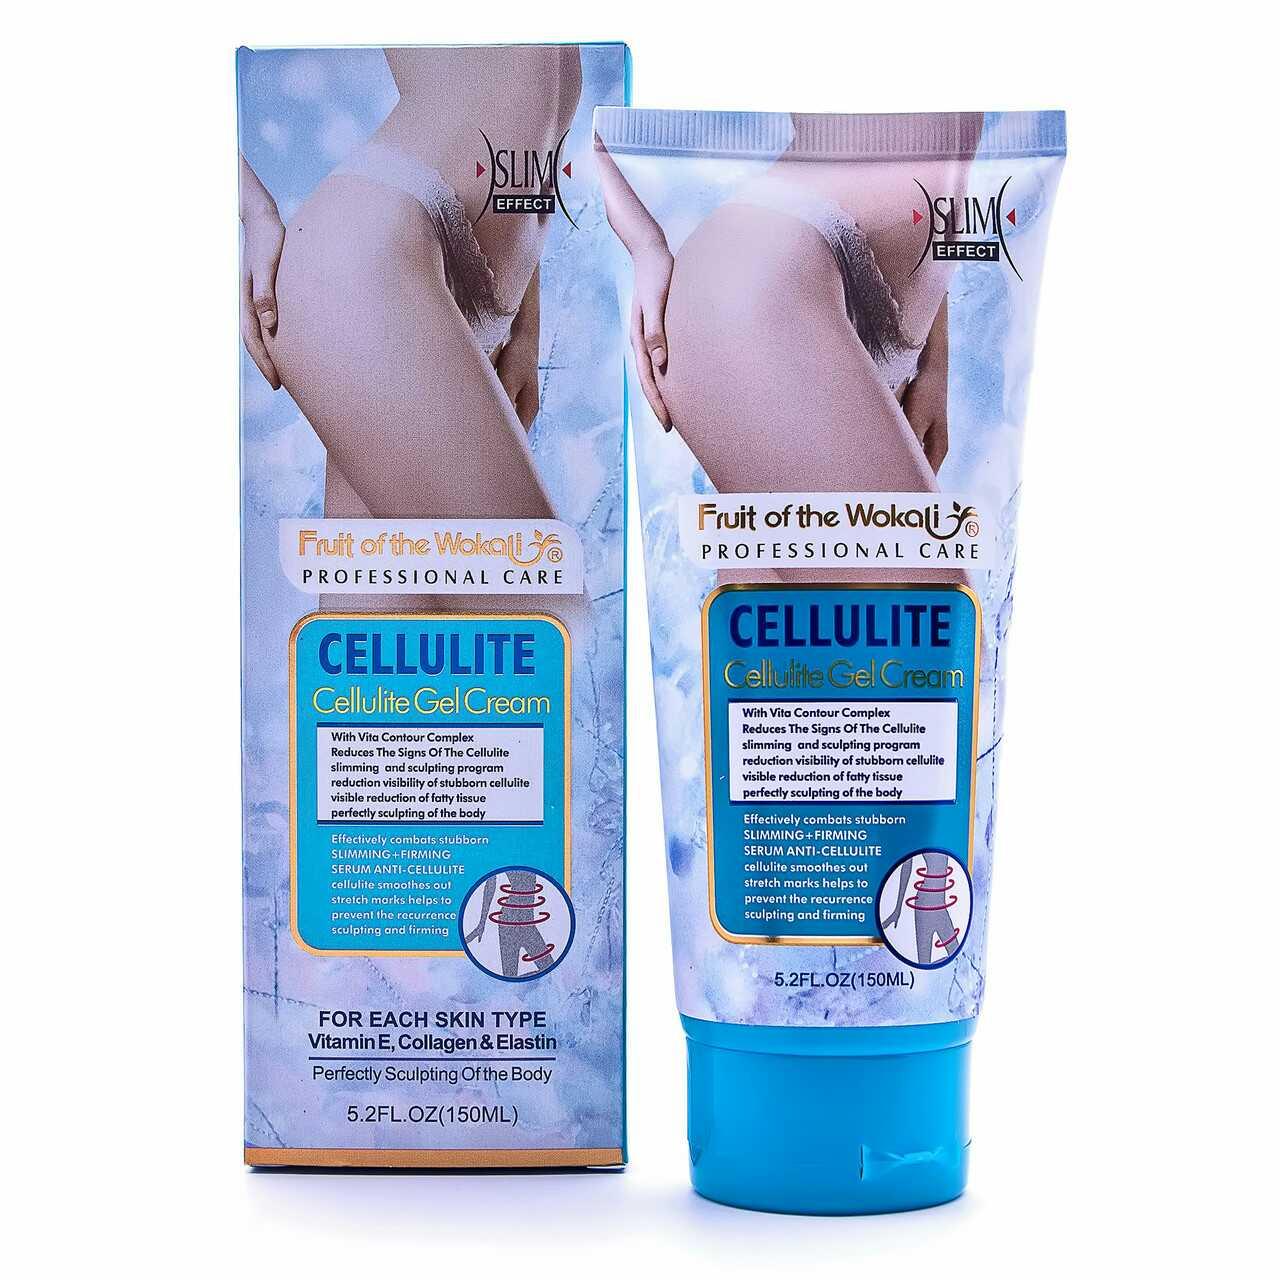 cellulite gel cream